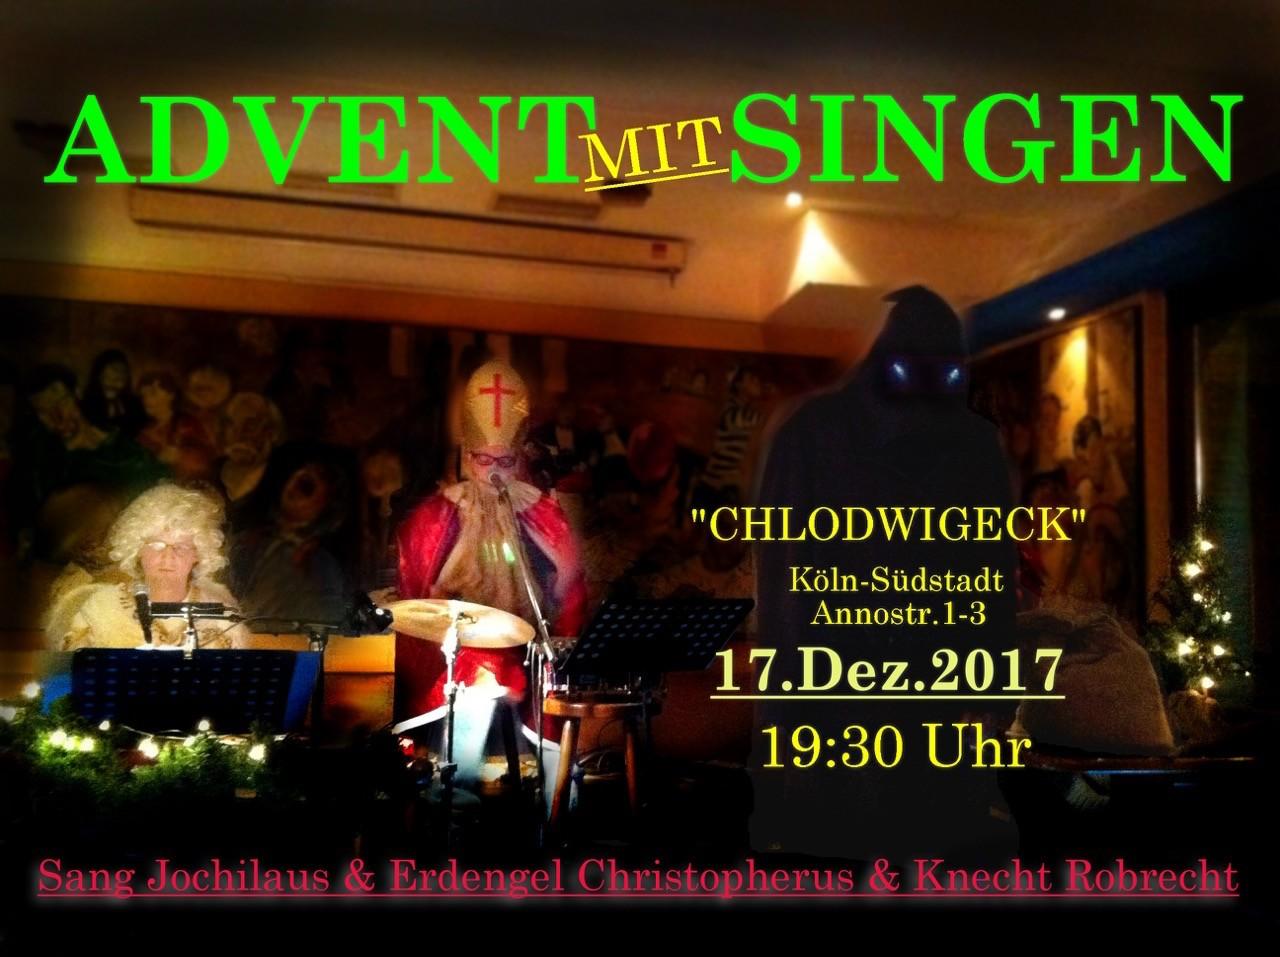 Weihnachtslieder mit Sang Jochilaus & Erdengel Christopherus